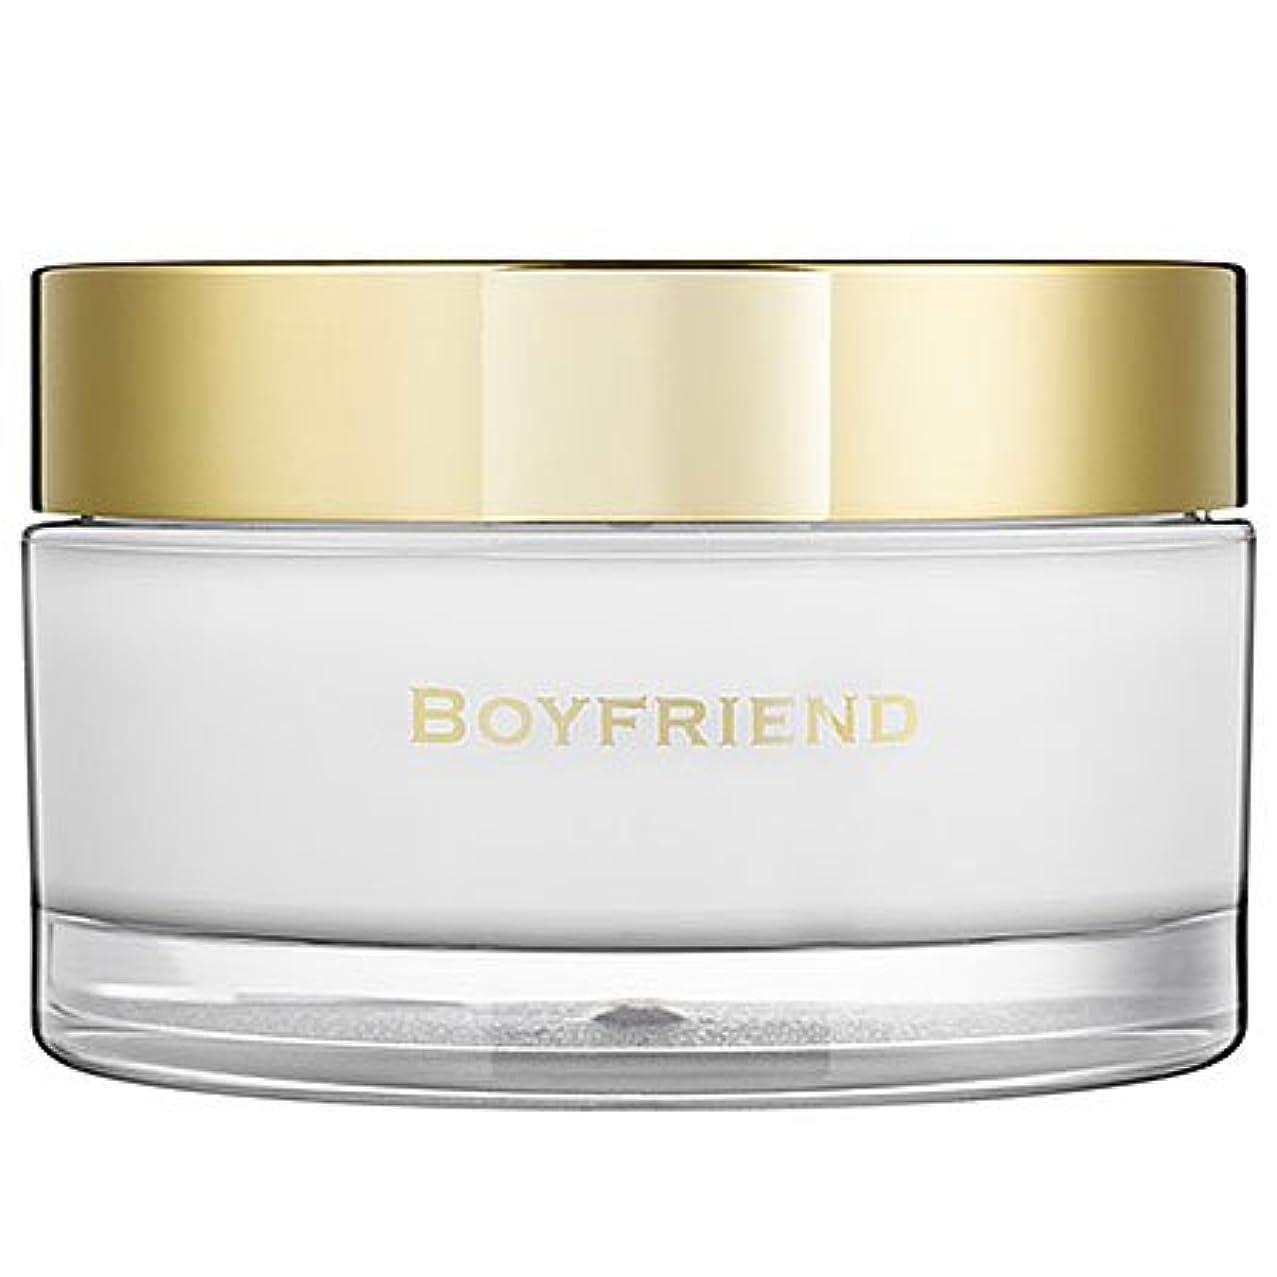 クッションワット将来のBoyfriend (ボーイフレンド) 6.7 oz (200ml) Body Cream by Kate Walsh for Women